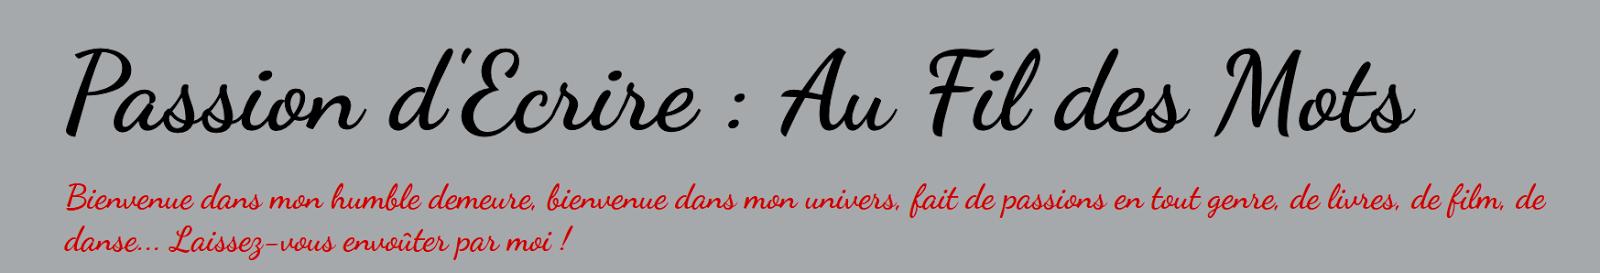 http://passion-d-ecrire.blogspot.fr/